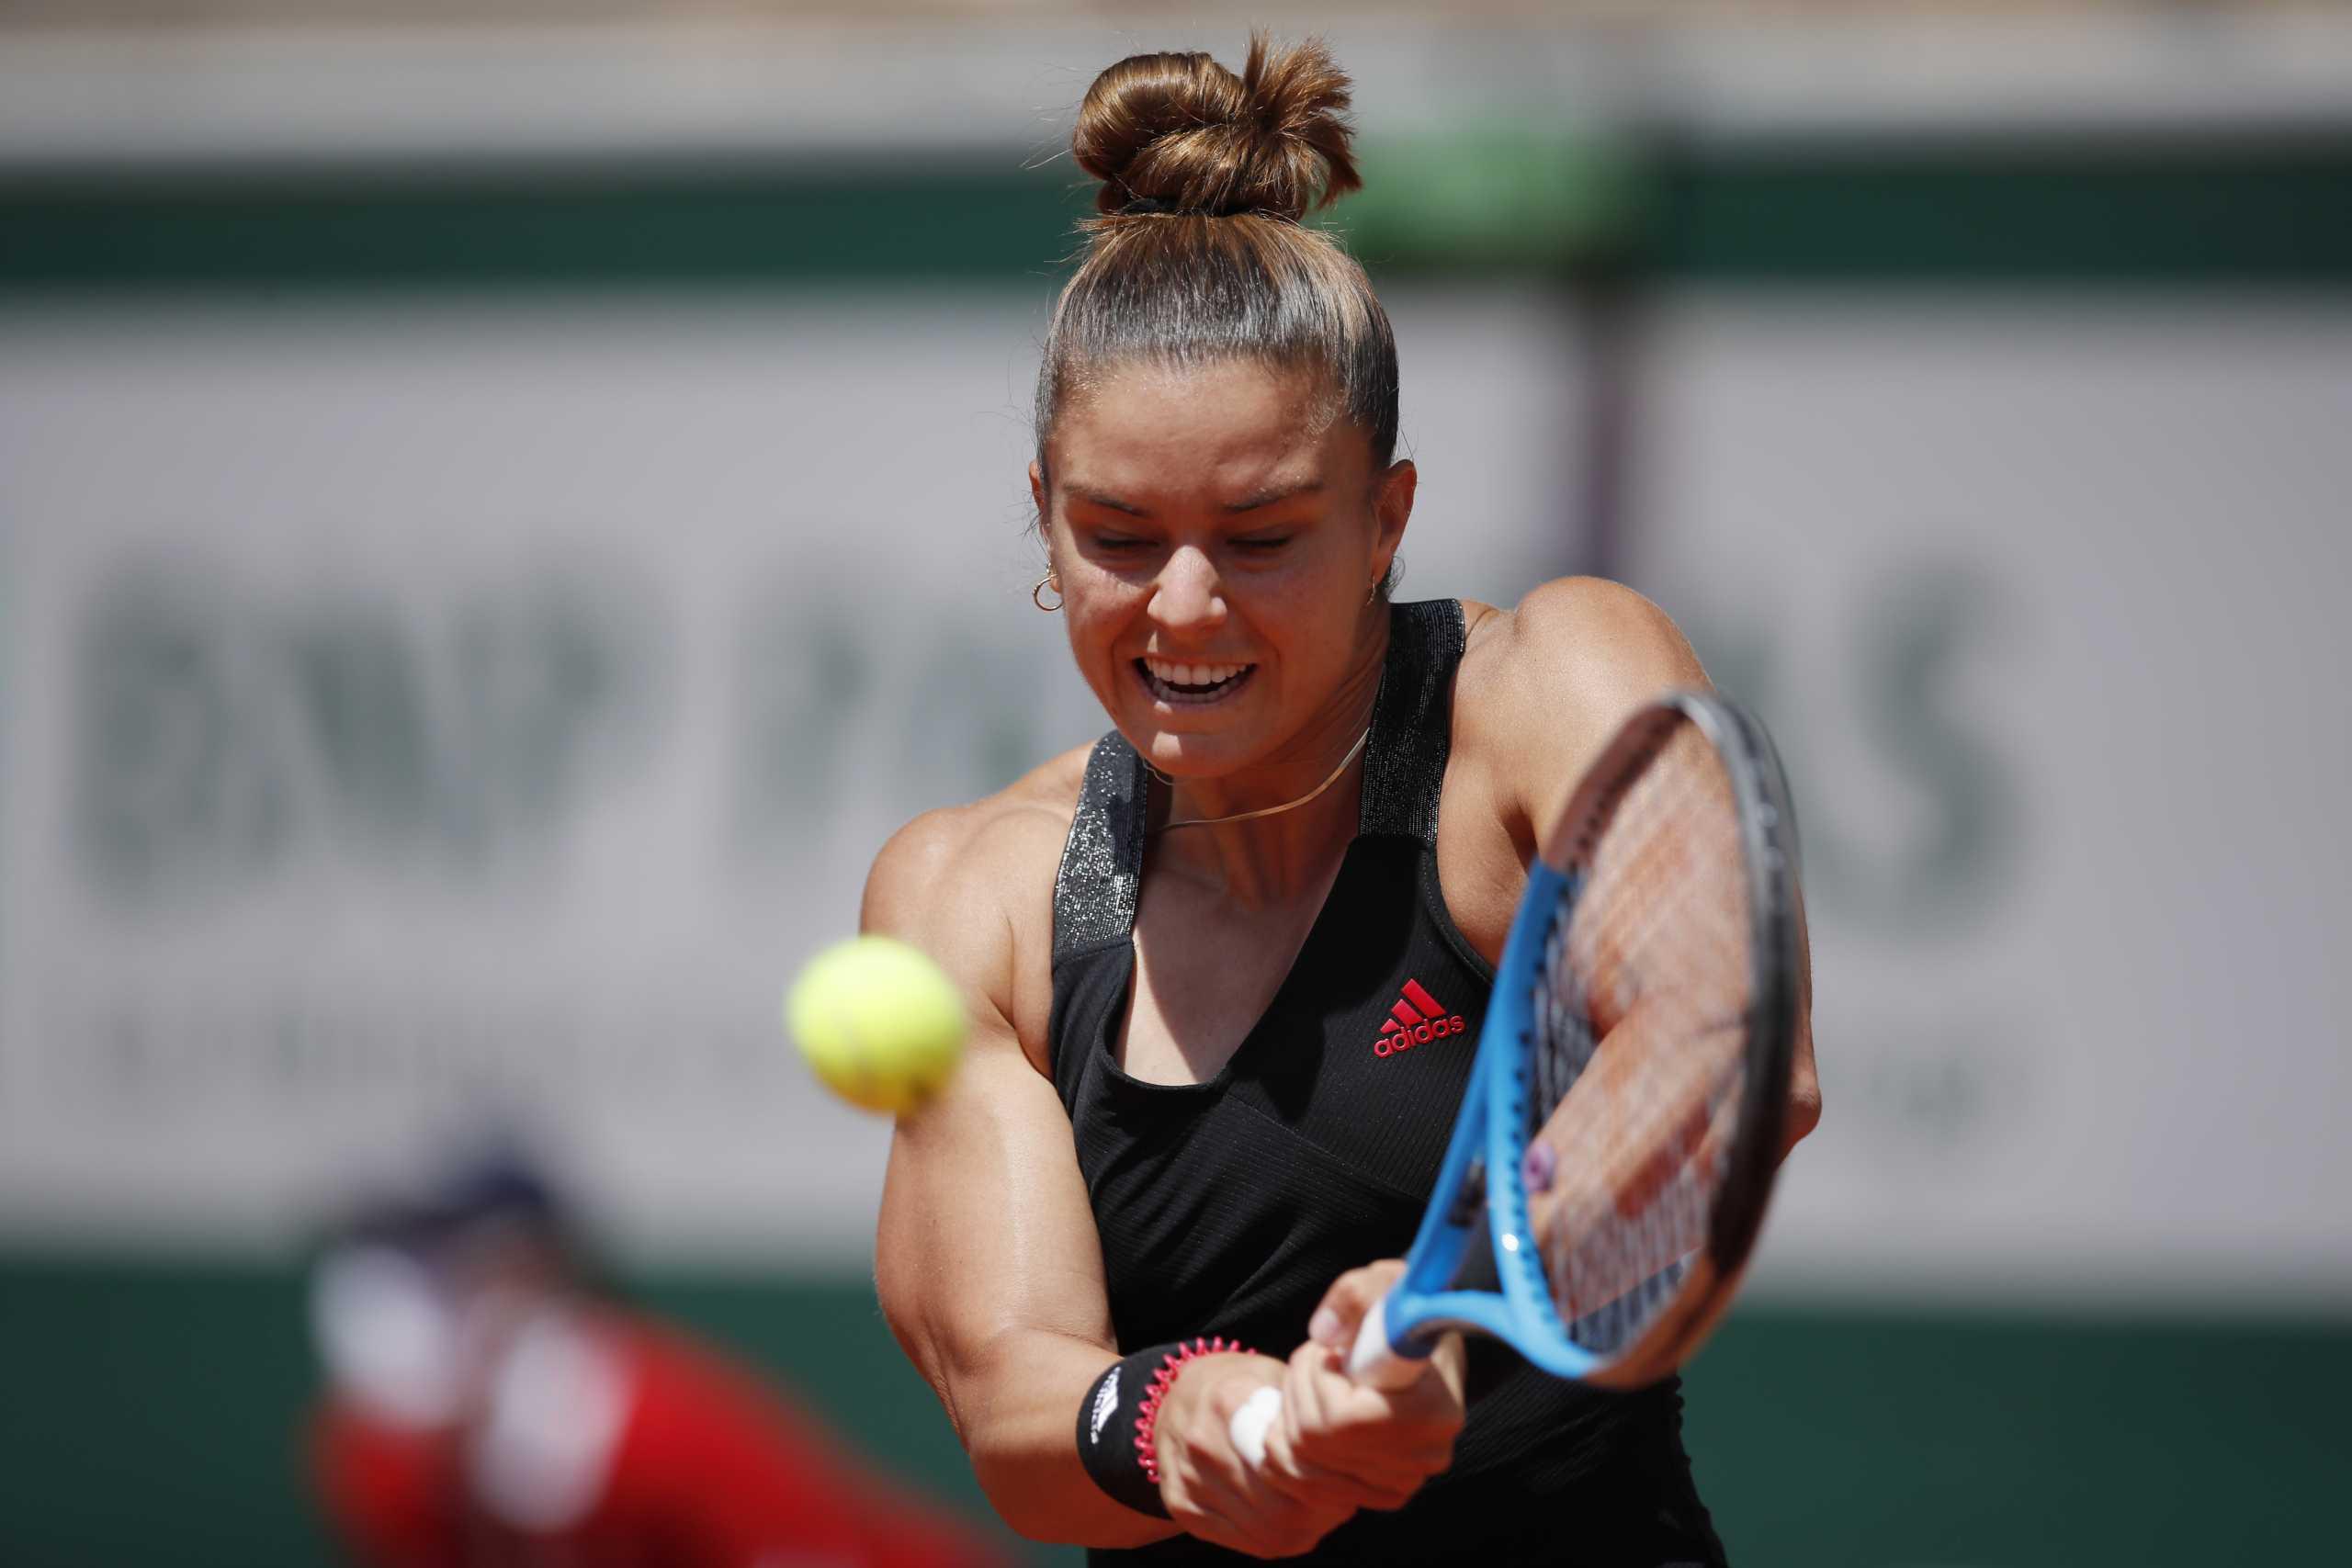 Μαρία Σάκκαρη: Τα highlights της μεγάλης της πρόκρισης στα ημιτελικά του Roland Garros